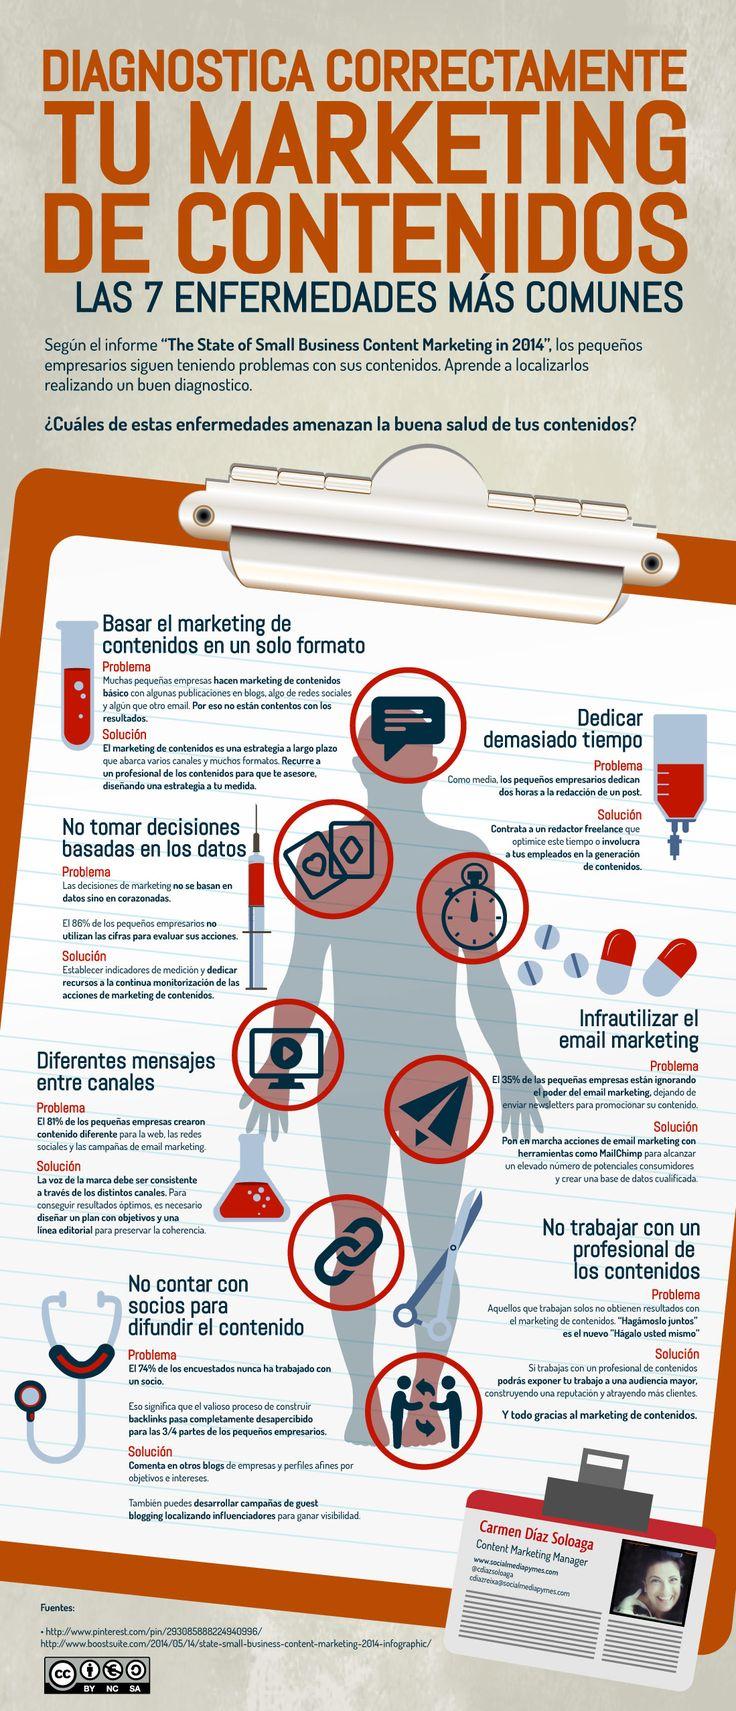 Las 7 enfermedades que amenazan la salud de tu Marketing de Contenidos…